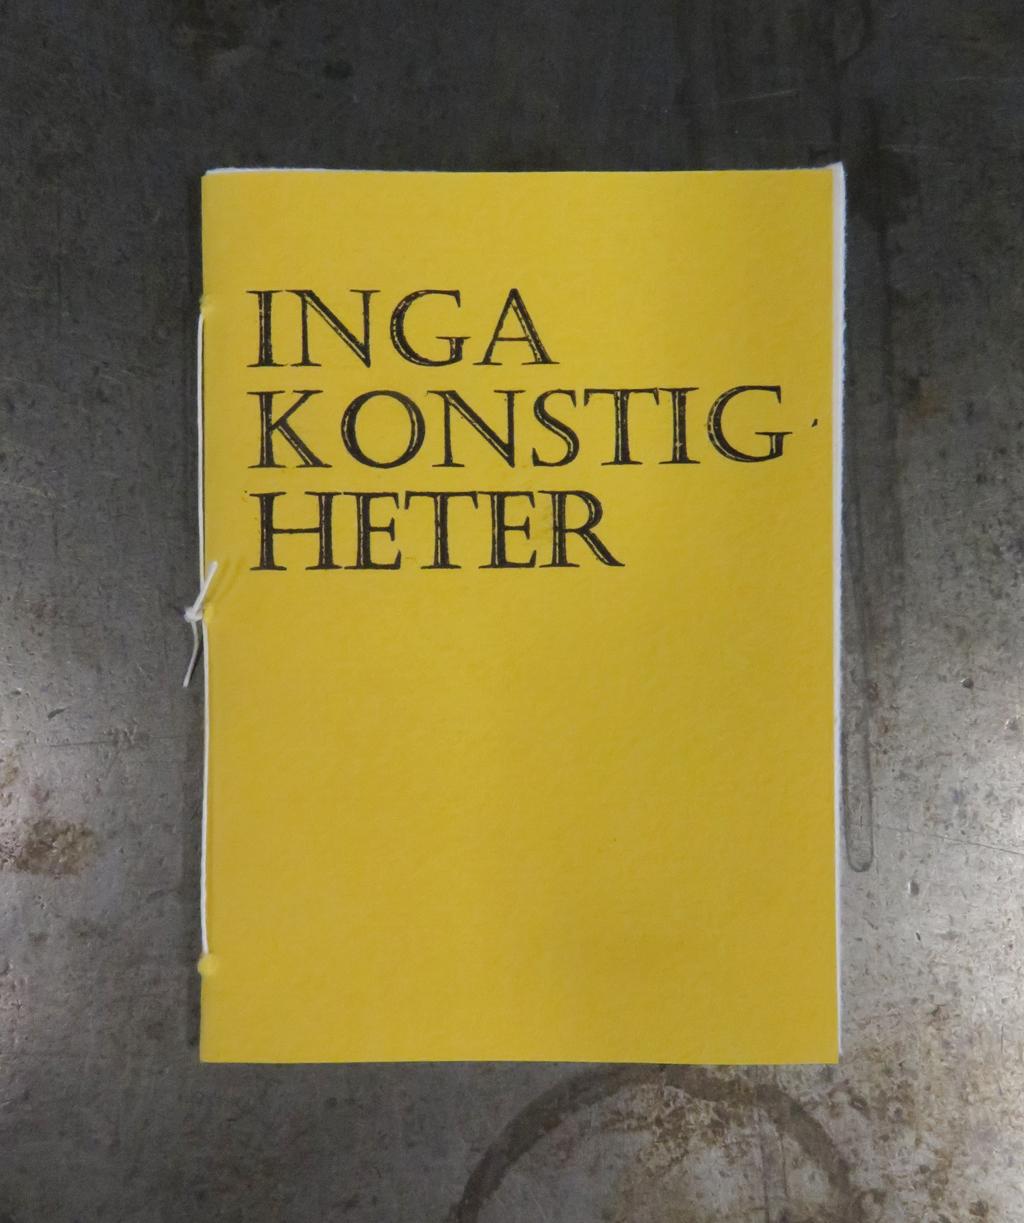 inga02